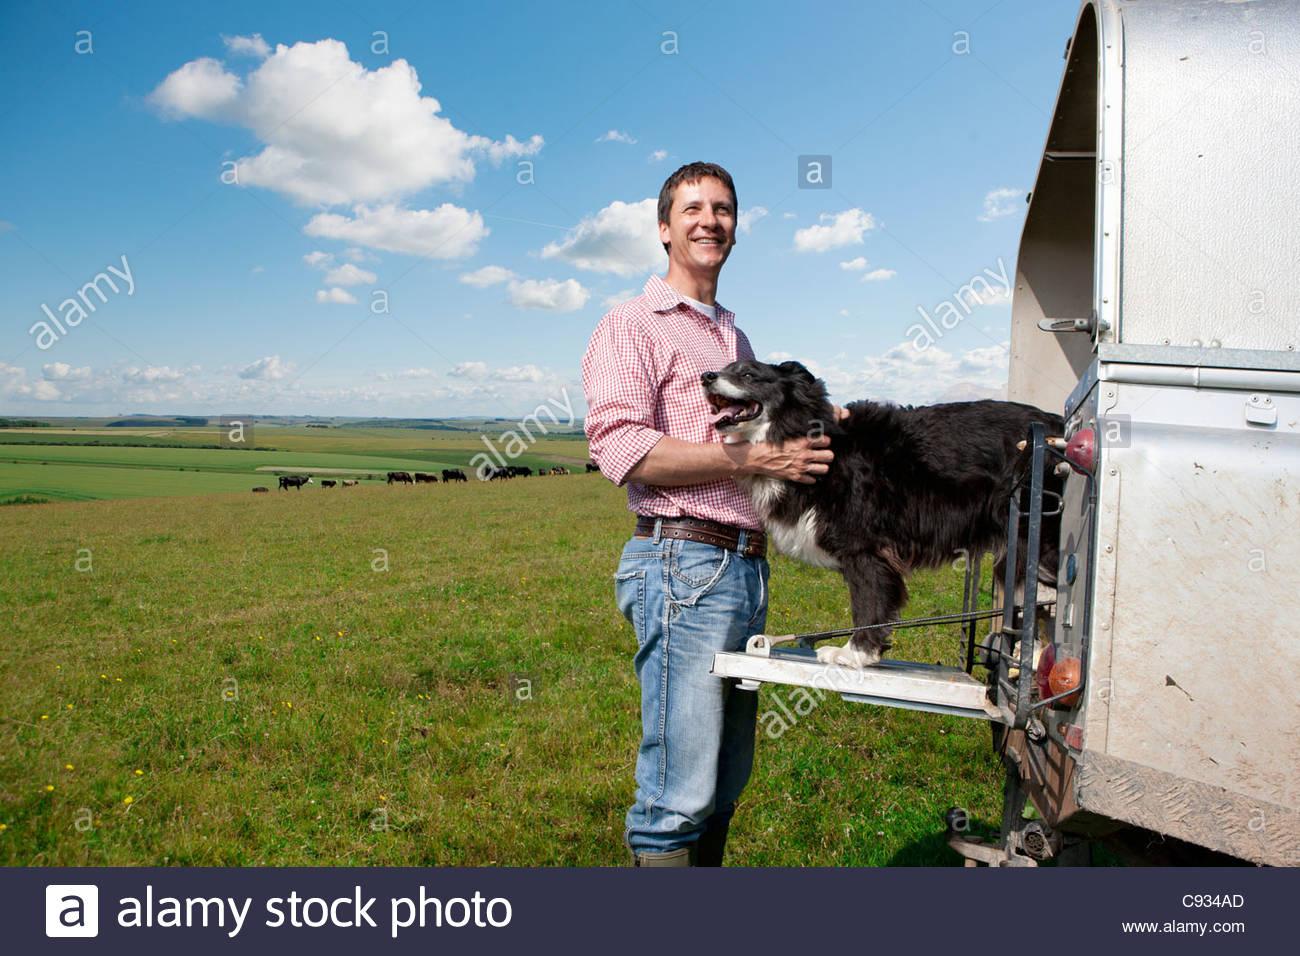 Porträt des Lächelns Landwirt Petting Hund auf Heckklappe des LKW im Feld Stockbild